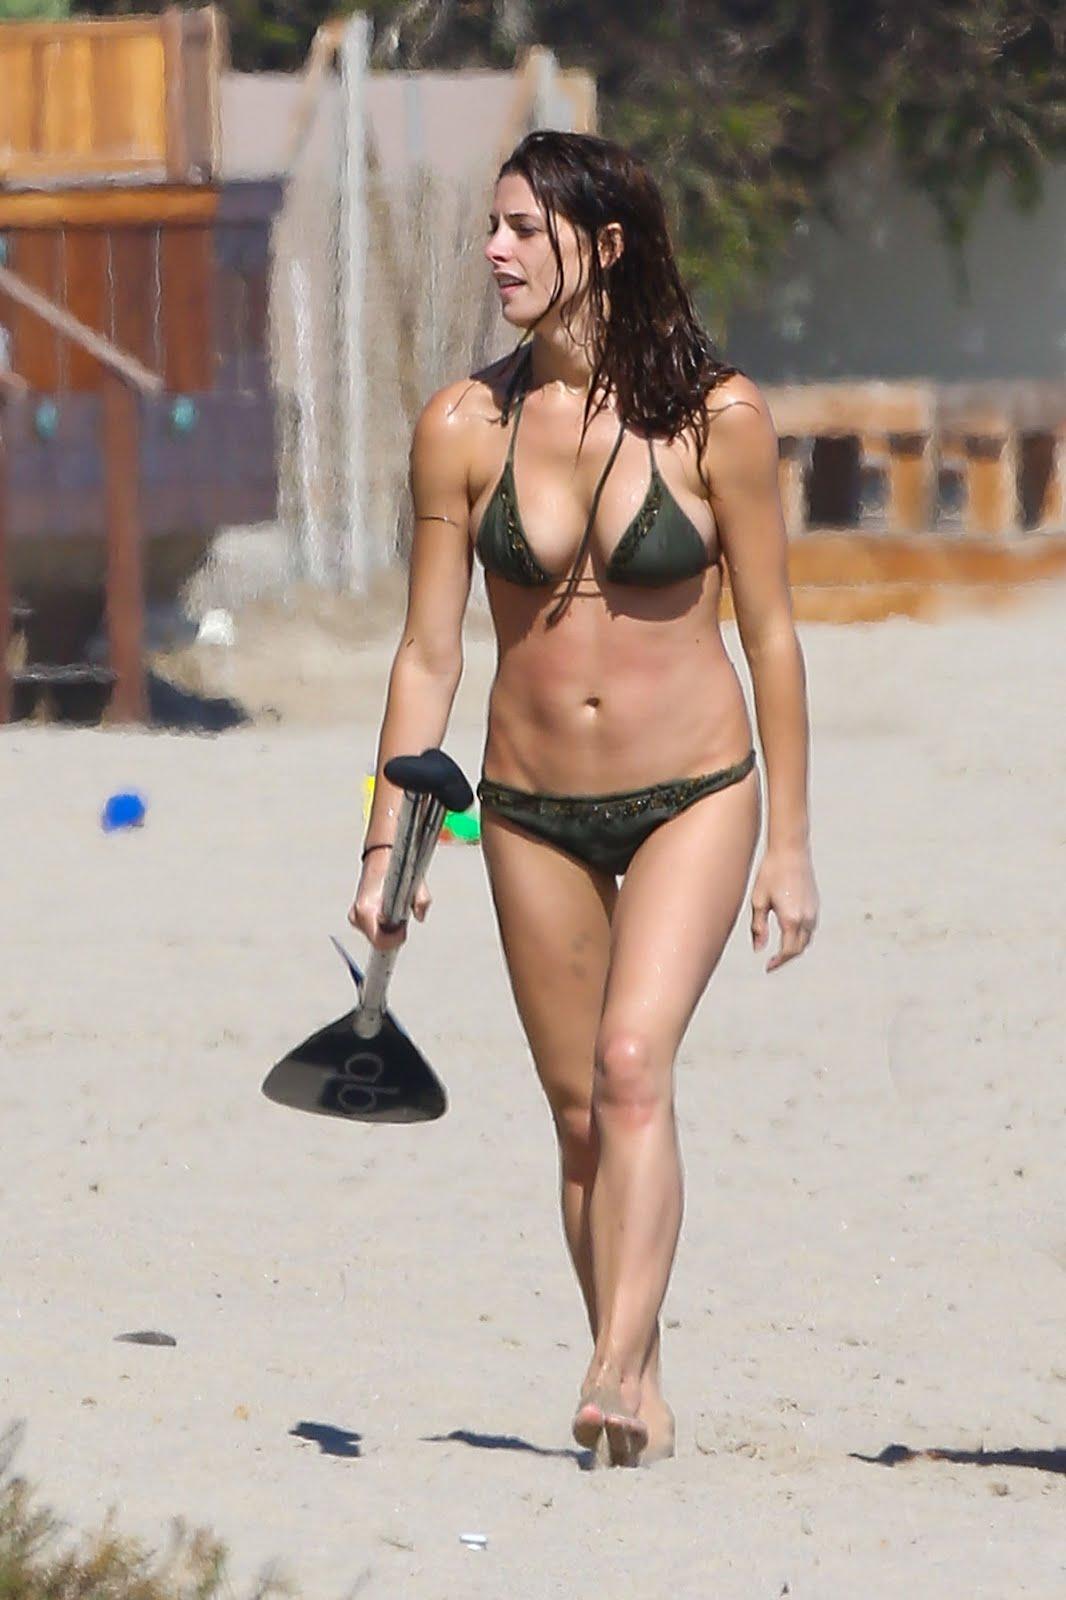 http://1.bp.blogspot.com/-GUv8rQBnUxo/UCpxT0CxUAI/AAAAAAAAD-4/c87DHMvzotM/s1600/ashley-greene-sexy-bikini-malibu-07.jpg